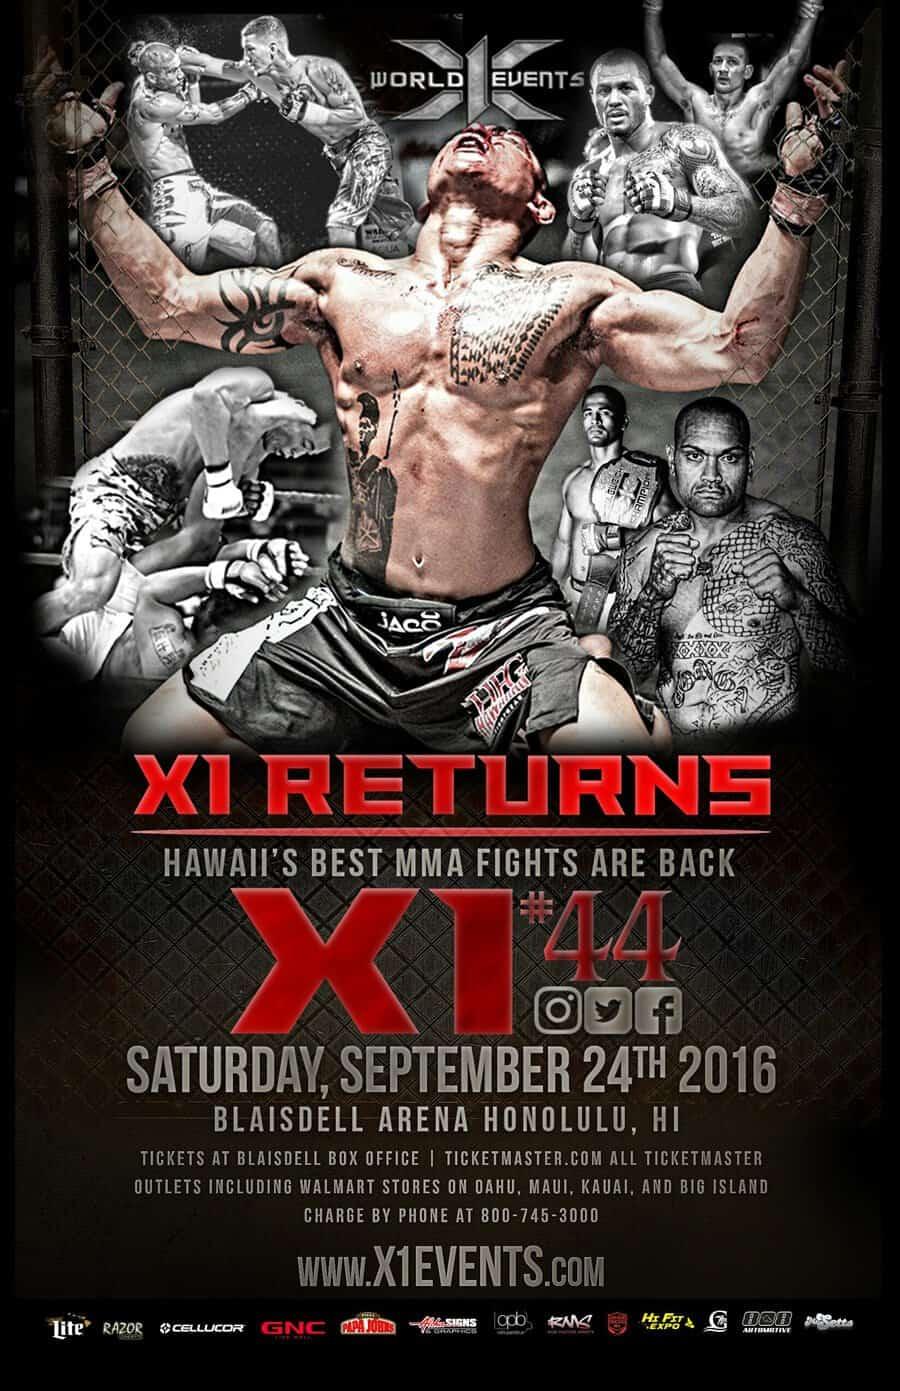 Pro MMA Returns to the Blaisdell Arena